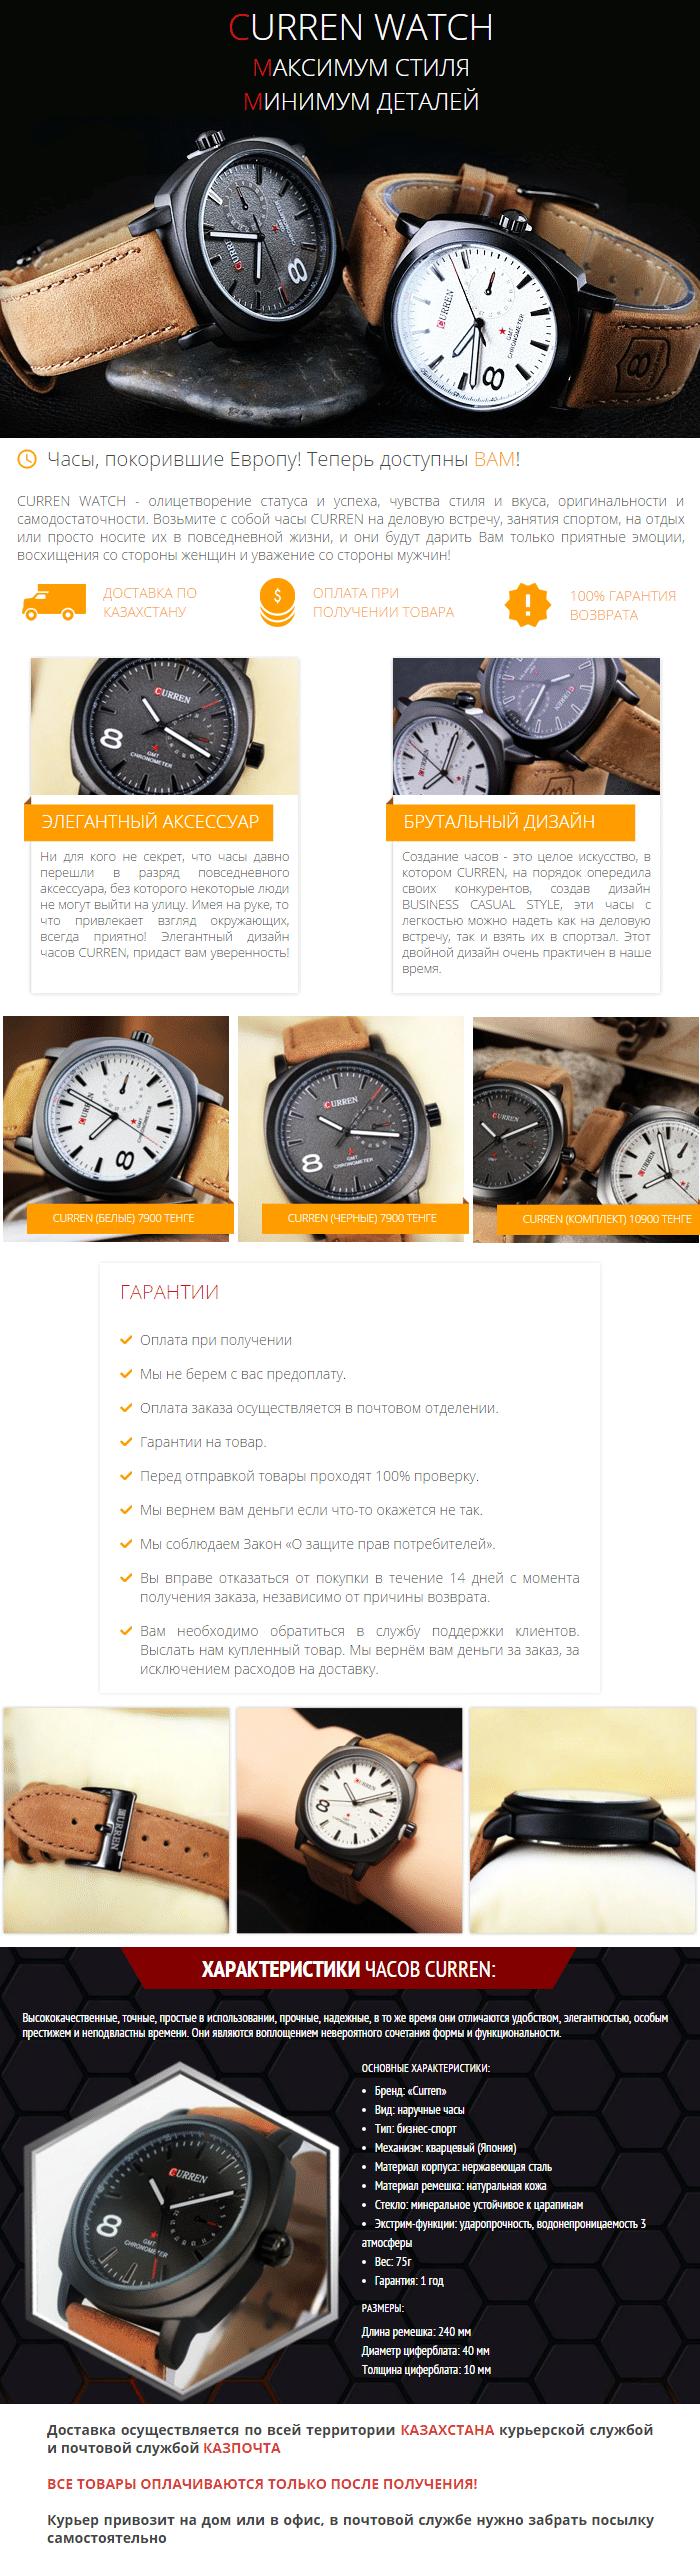 Часы Curren 8139 Bussines Sport Style - фото часы Curren 8139